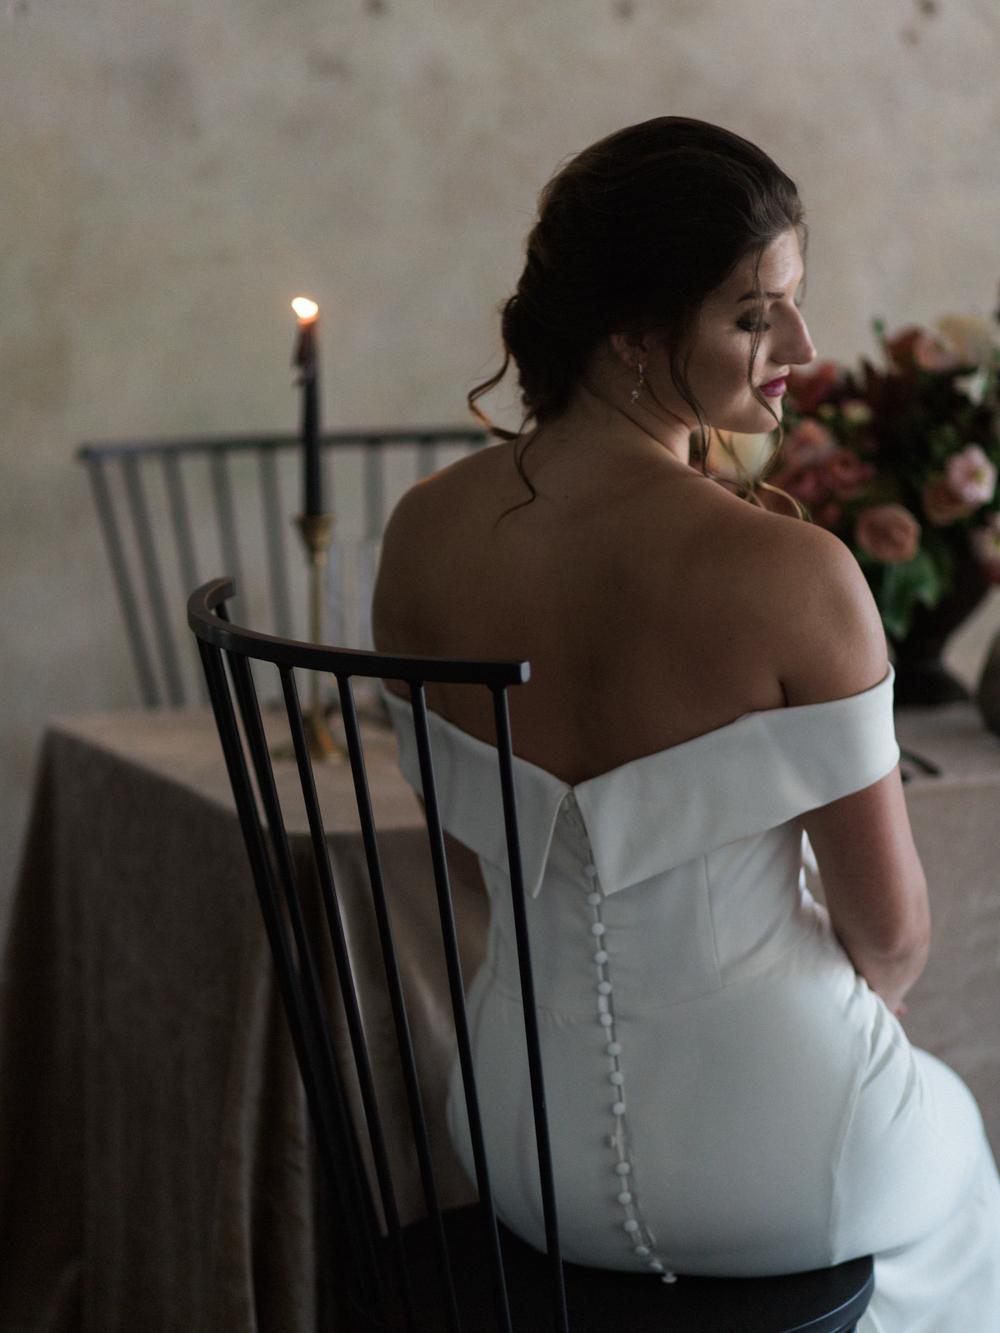 Houston wedding planner Water to Wine - edgy wedding - Christine Gosch film wedding photographer-31.jpg